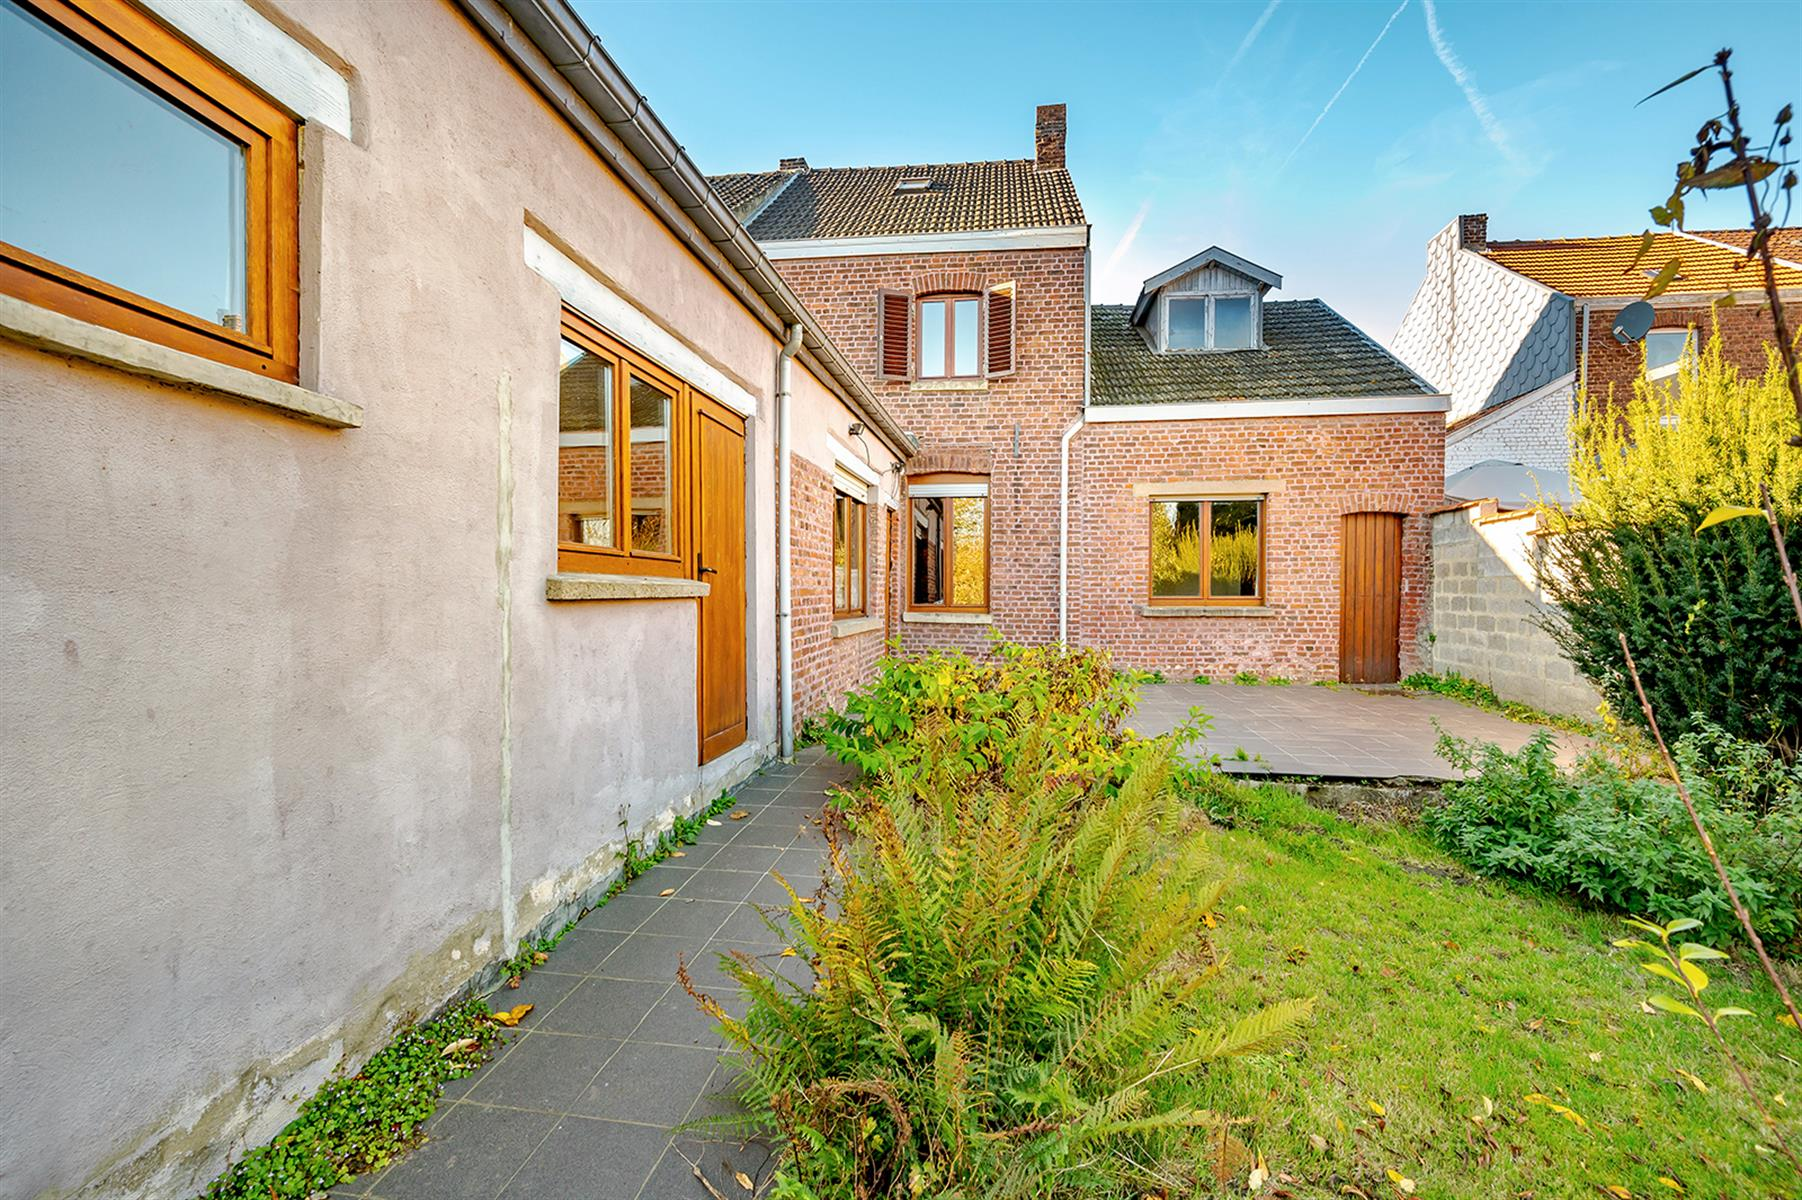 Maison - Fexhele-Haut-Clocher Voroux-Goreux - #4214944-24